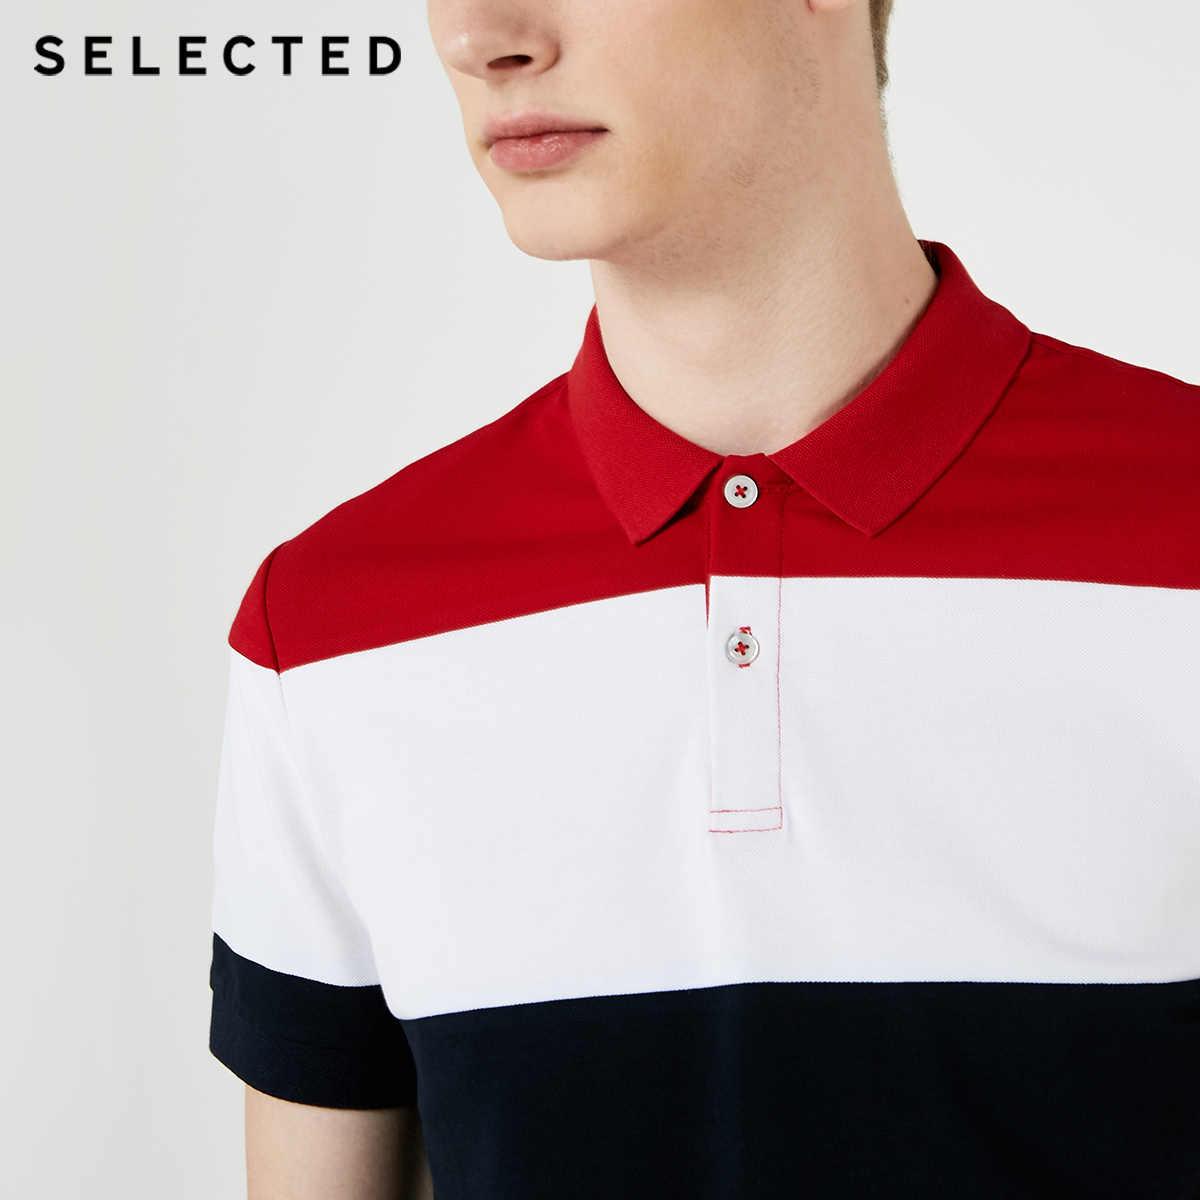 נבחר גברים קיץ מנוגדים תורו למטה צווארון קצר שרוולים Poloshirt S   419206553